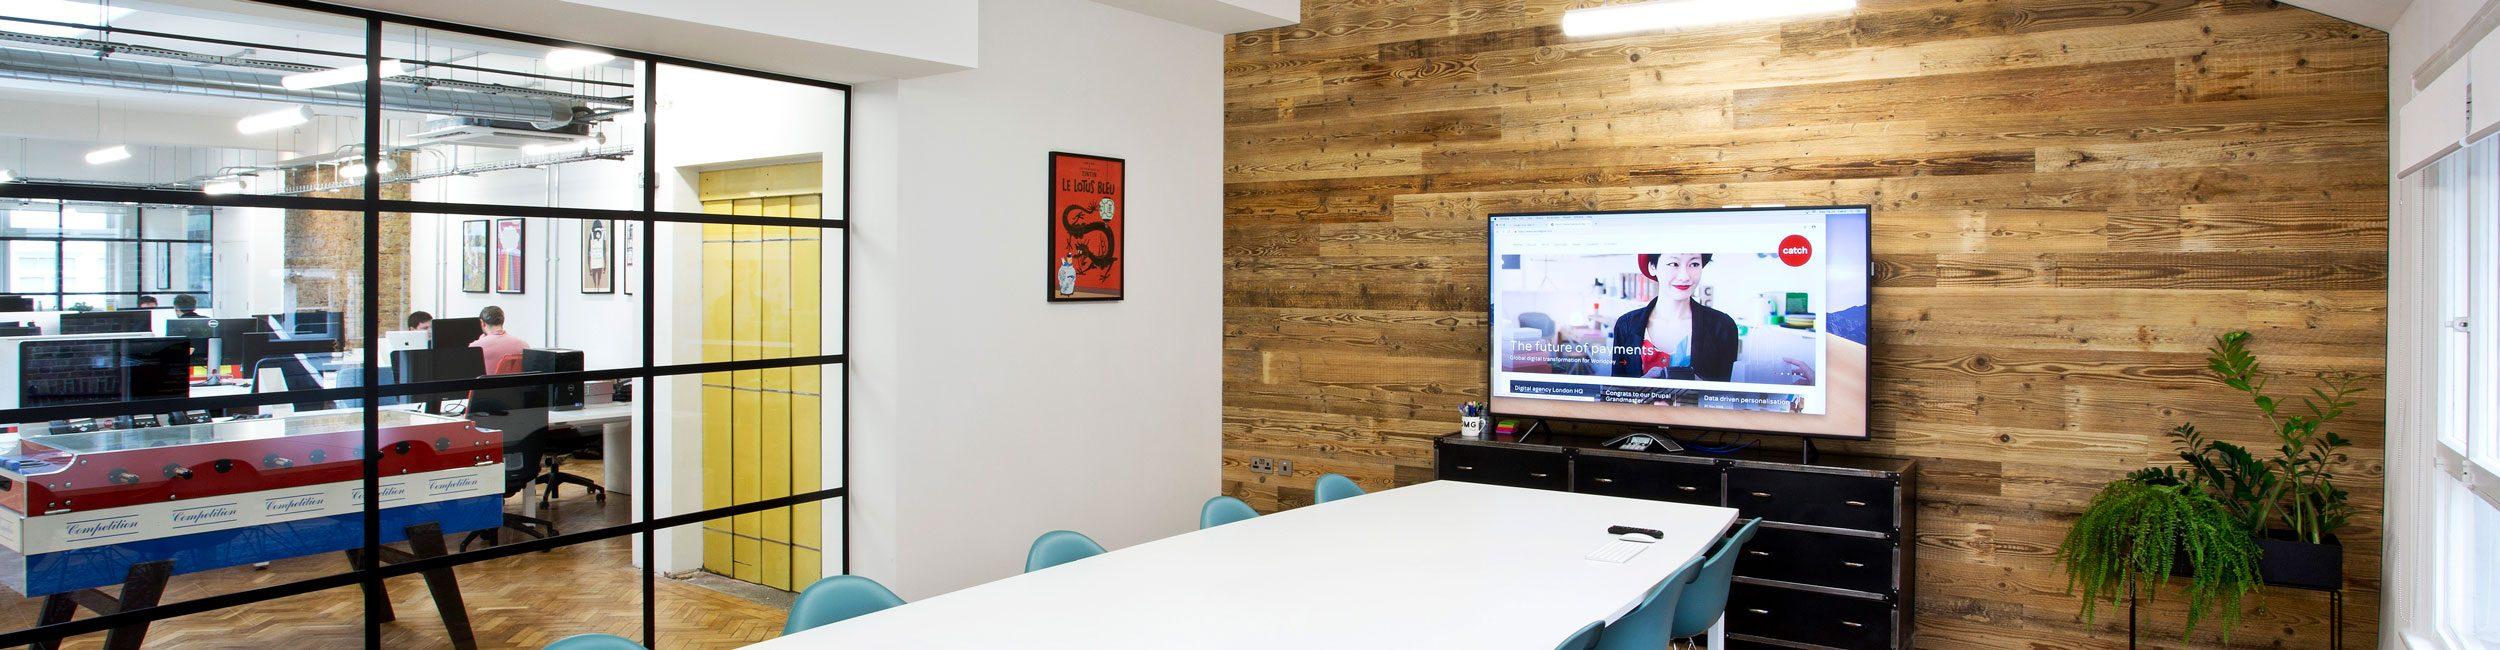 Catch Digital - Enaflo Interiors